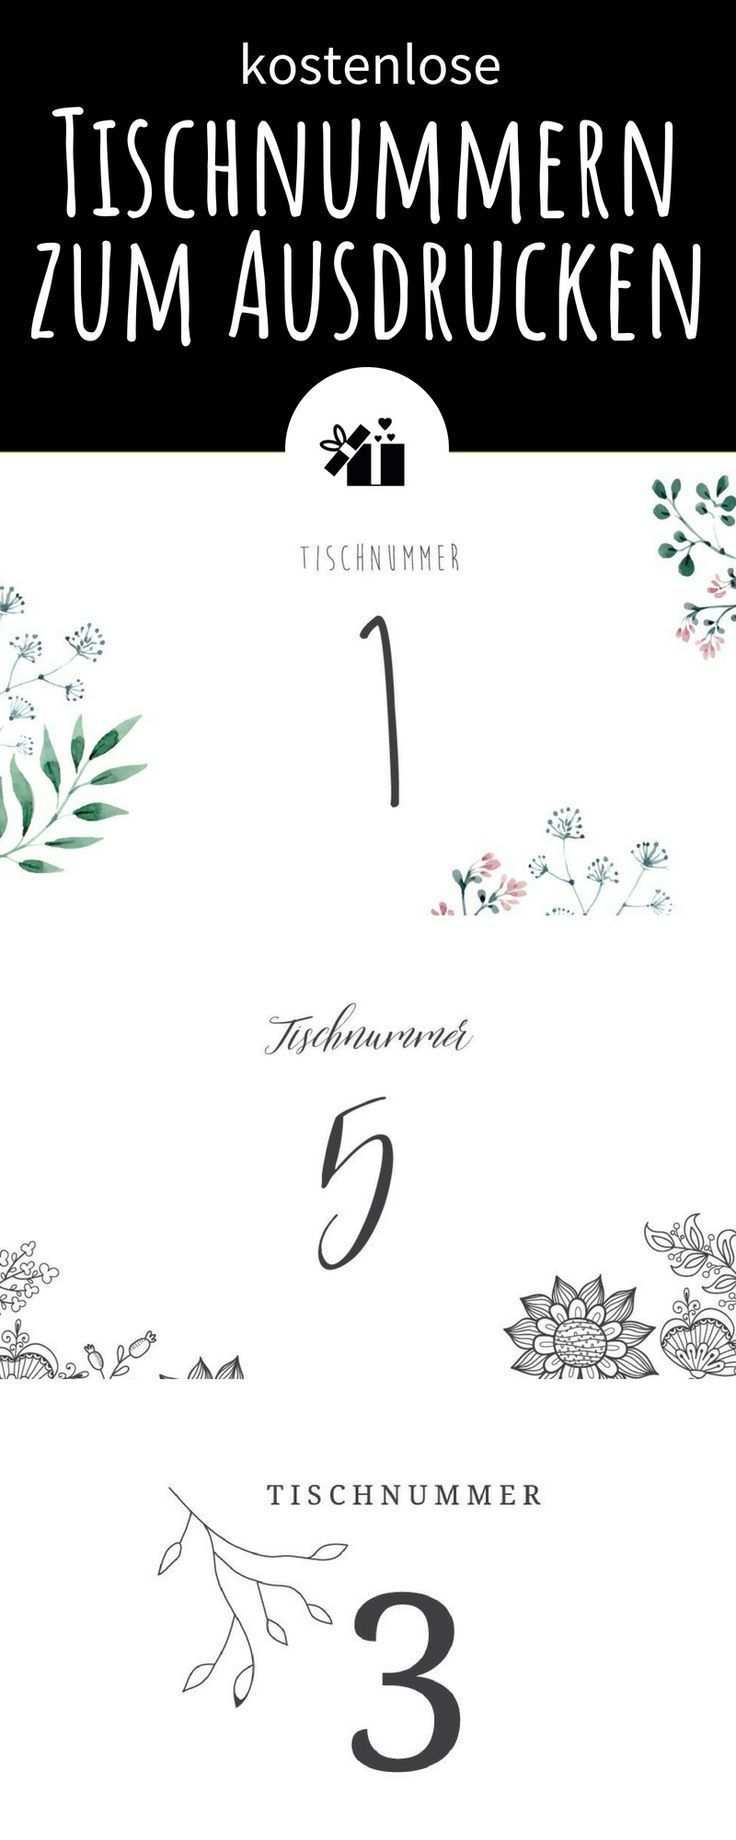 Hochzeitsschilder Zum Ausdrucken Kostenlose Pdf Vorlagen In 3